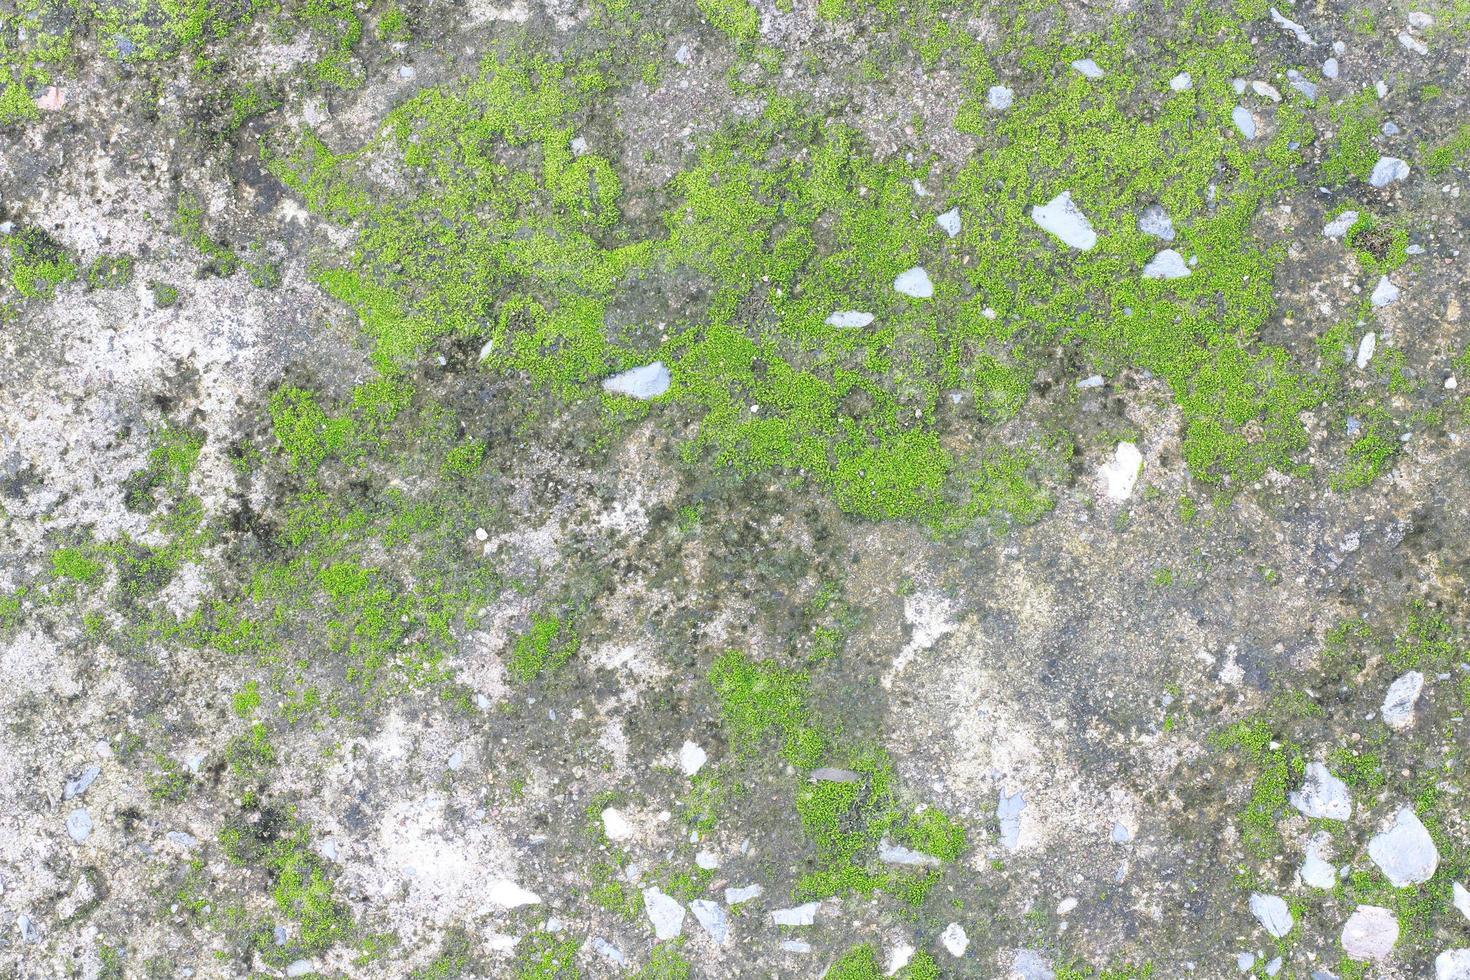 musgo sobre piedra gris foto